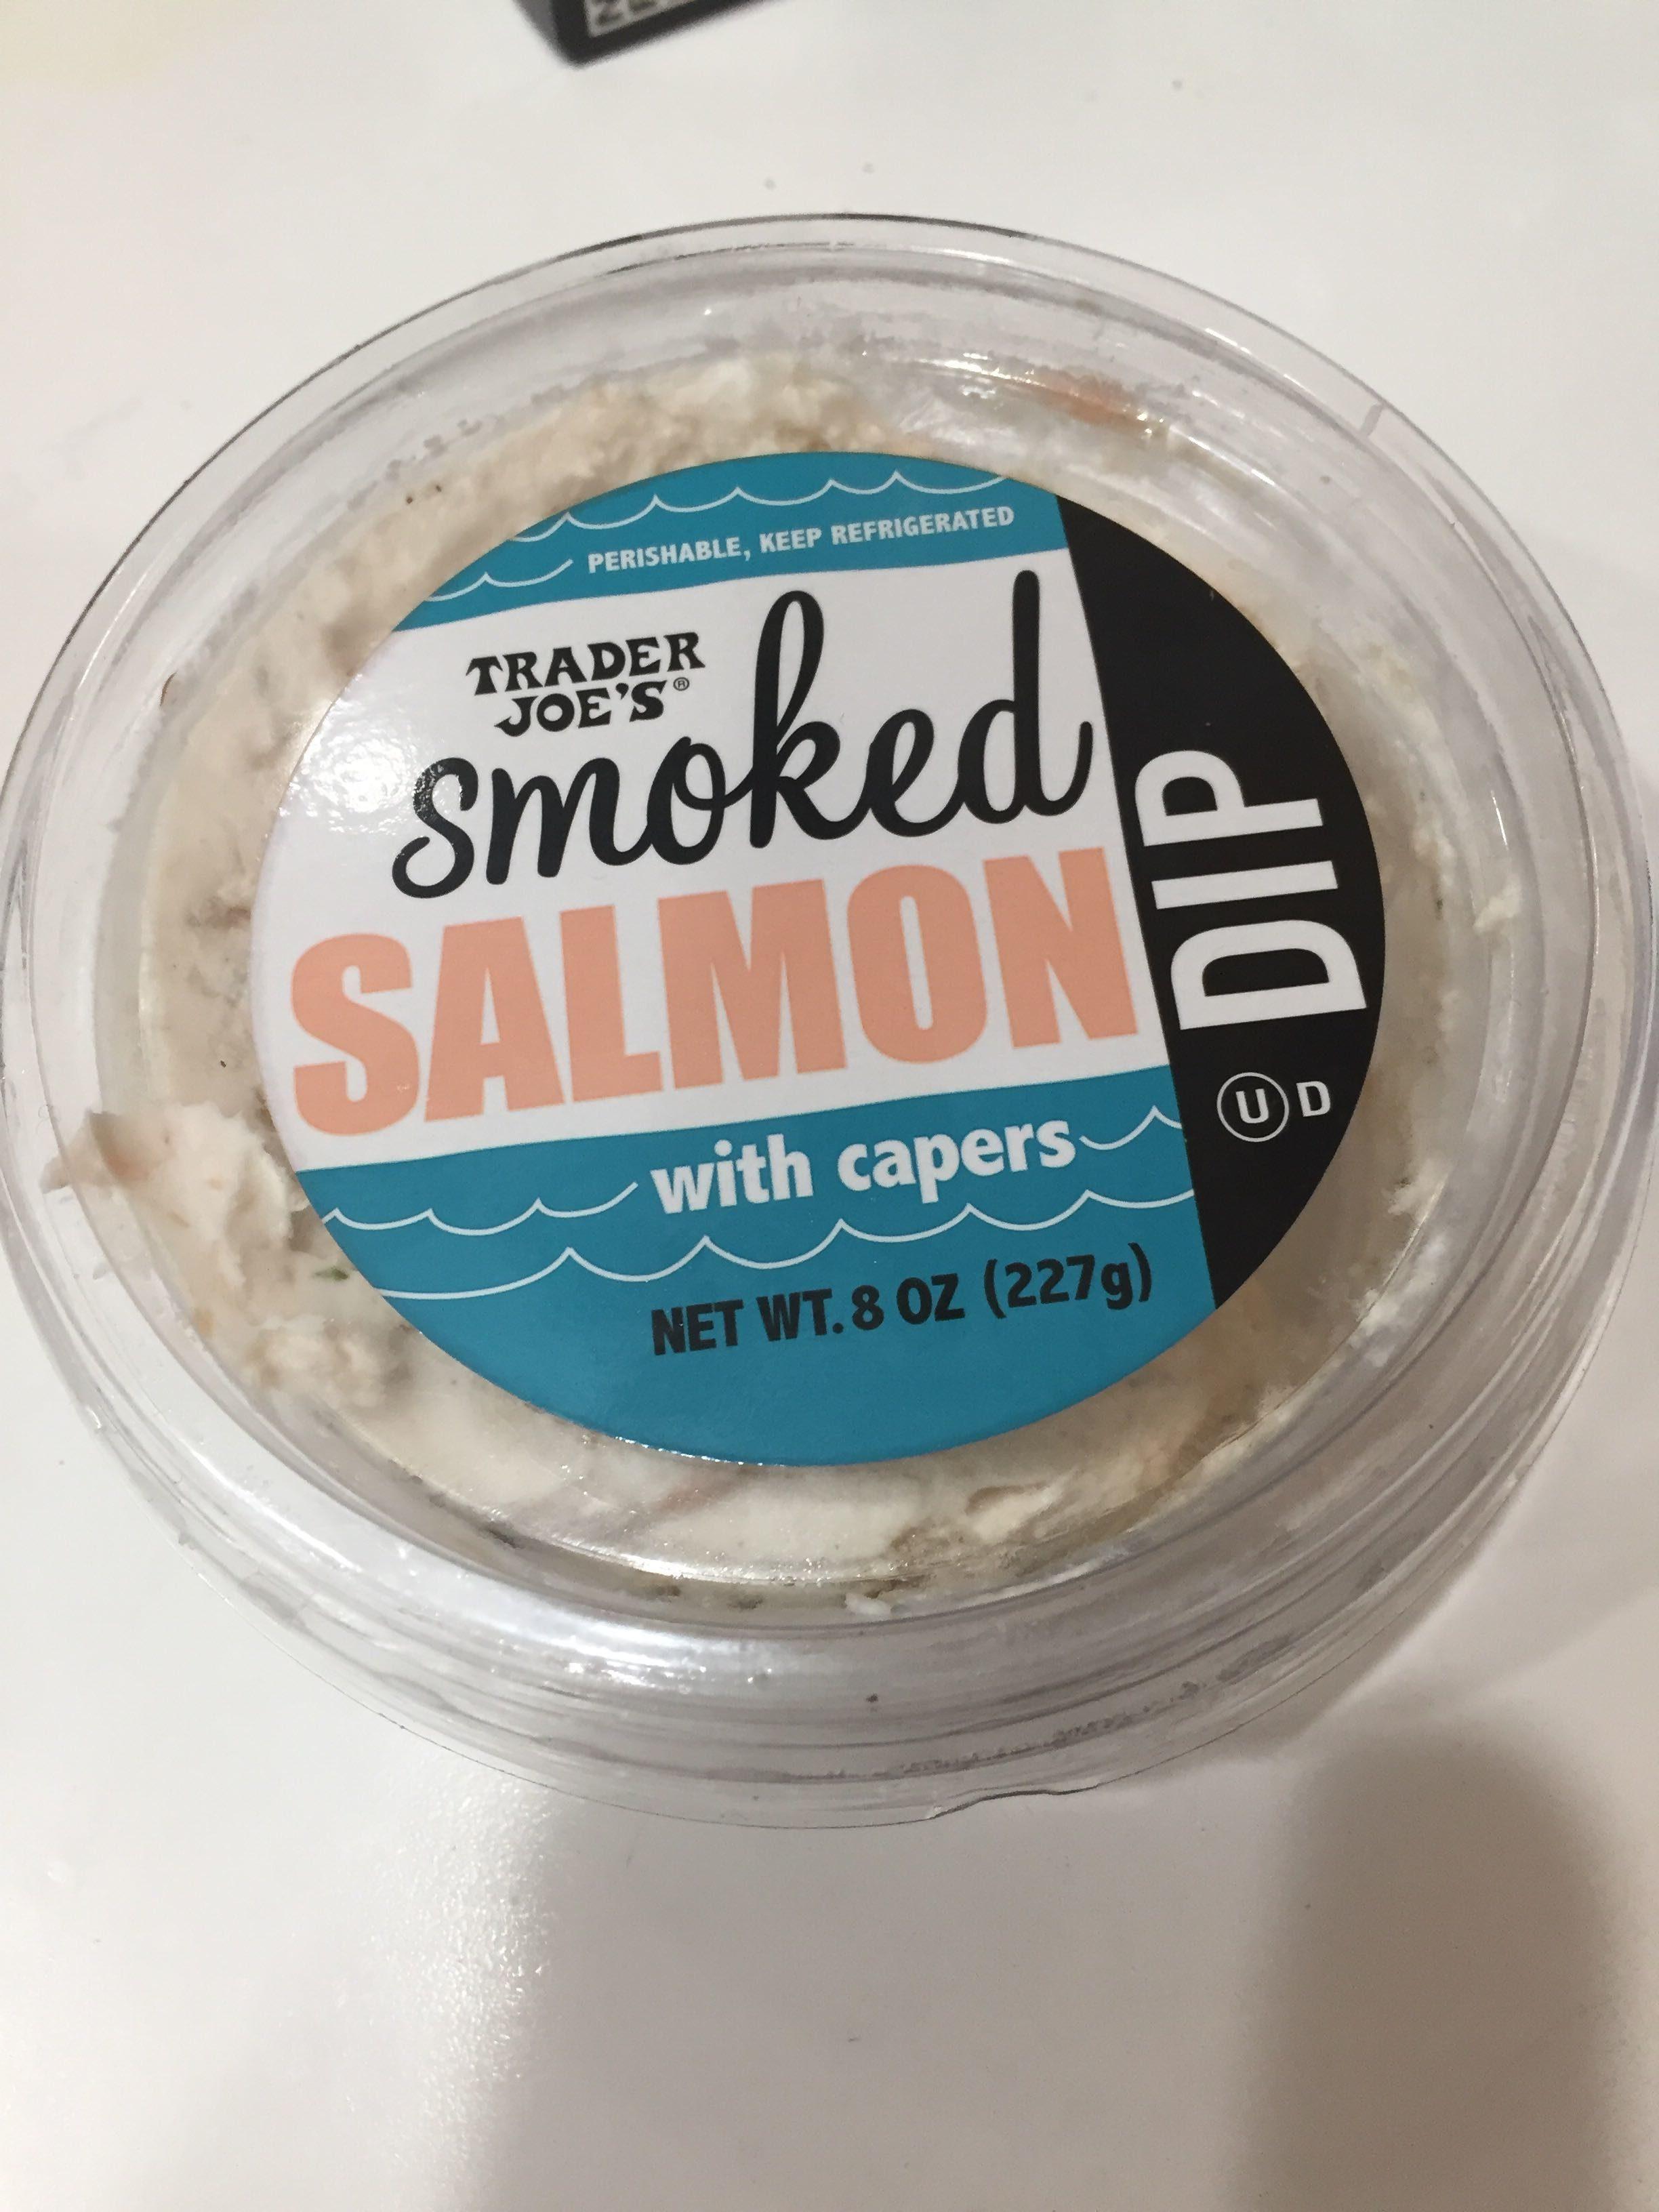 Smoked salmon dip - Product - en